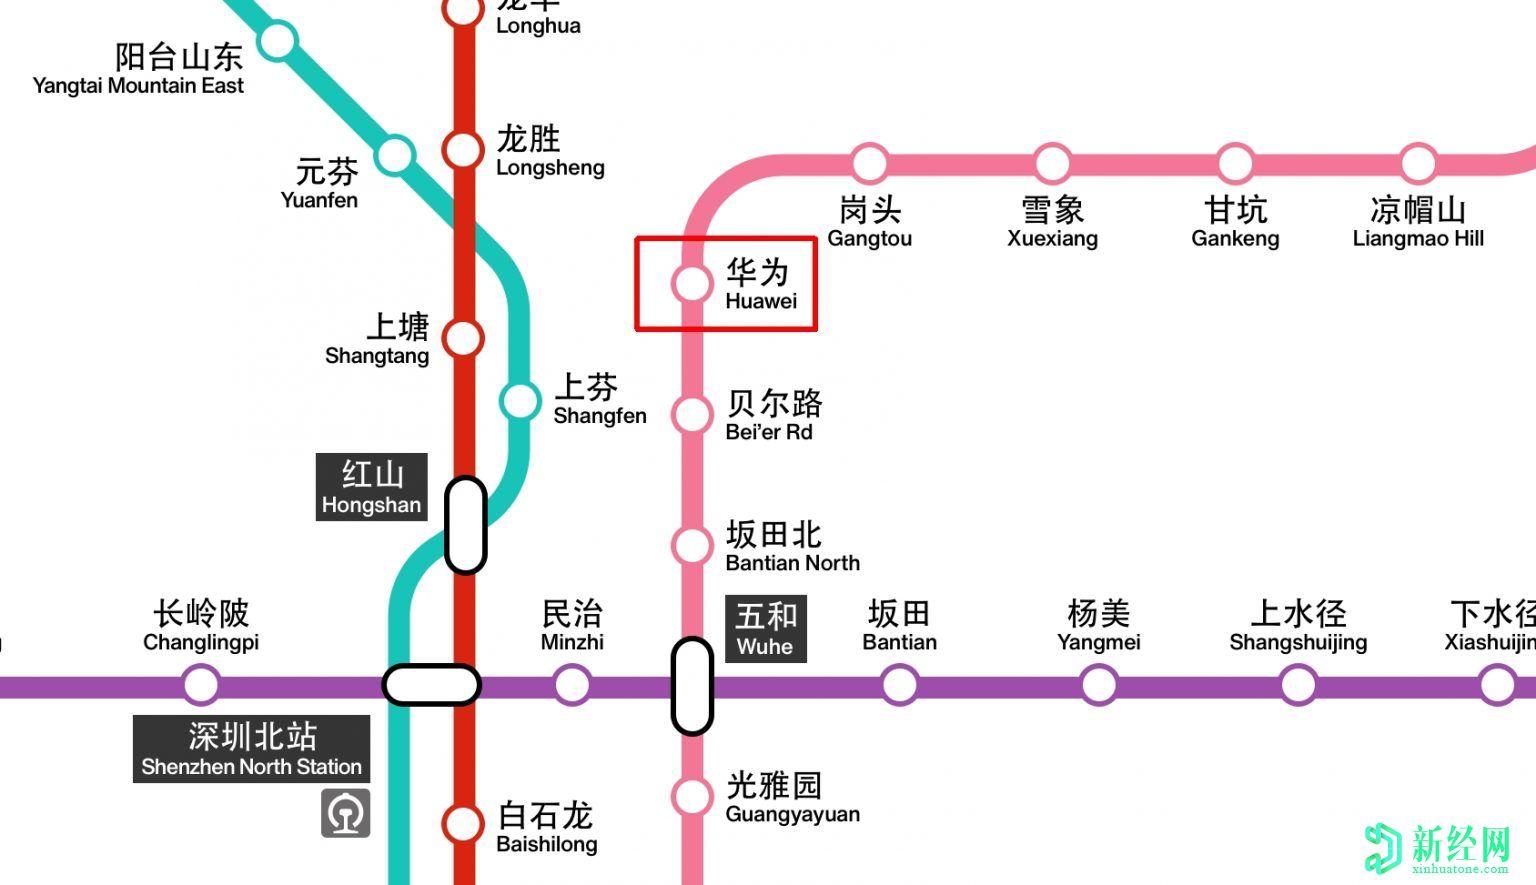 华为现在在深圳的新地铁线中有一个以它命名的车站